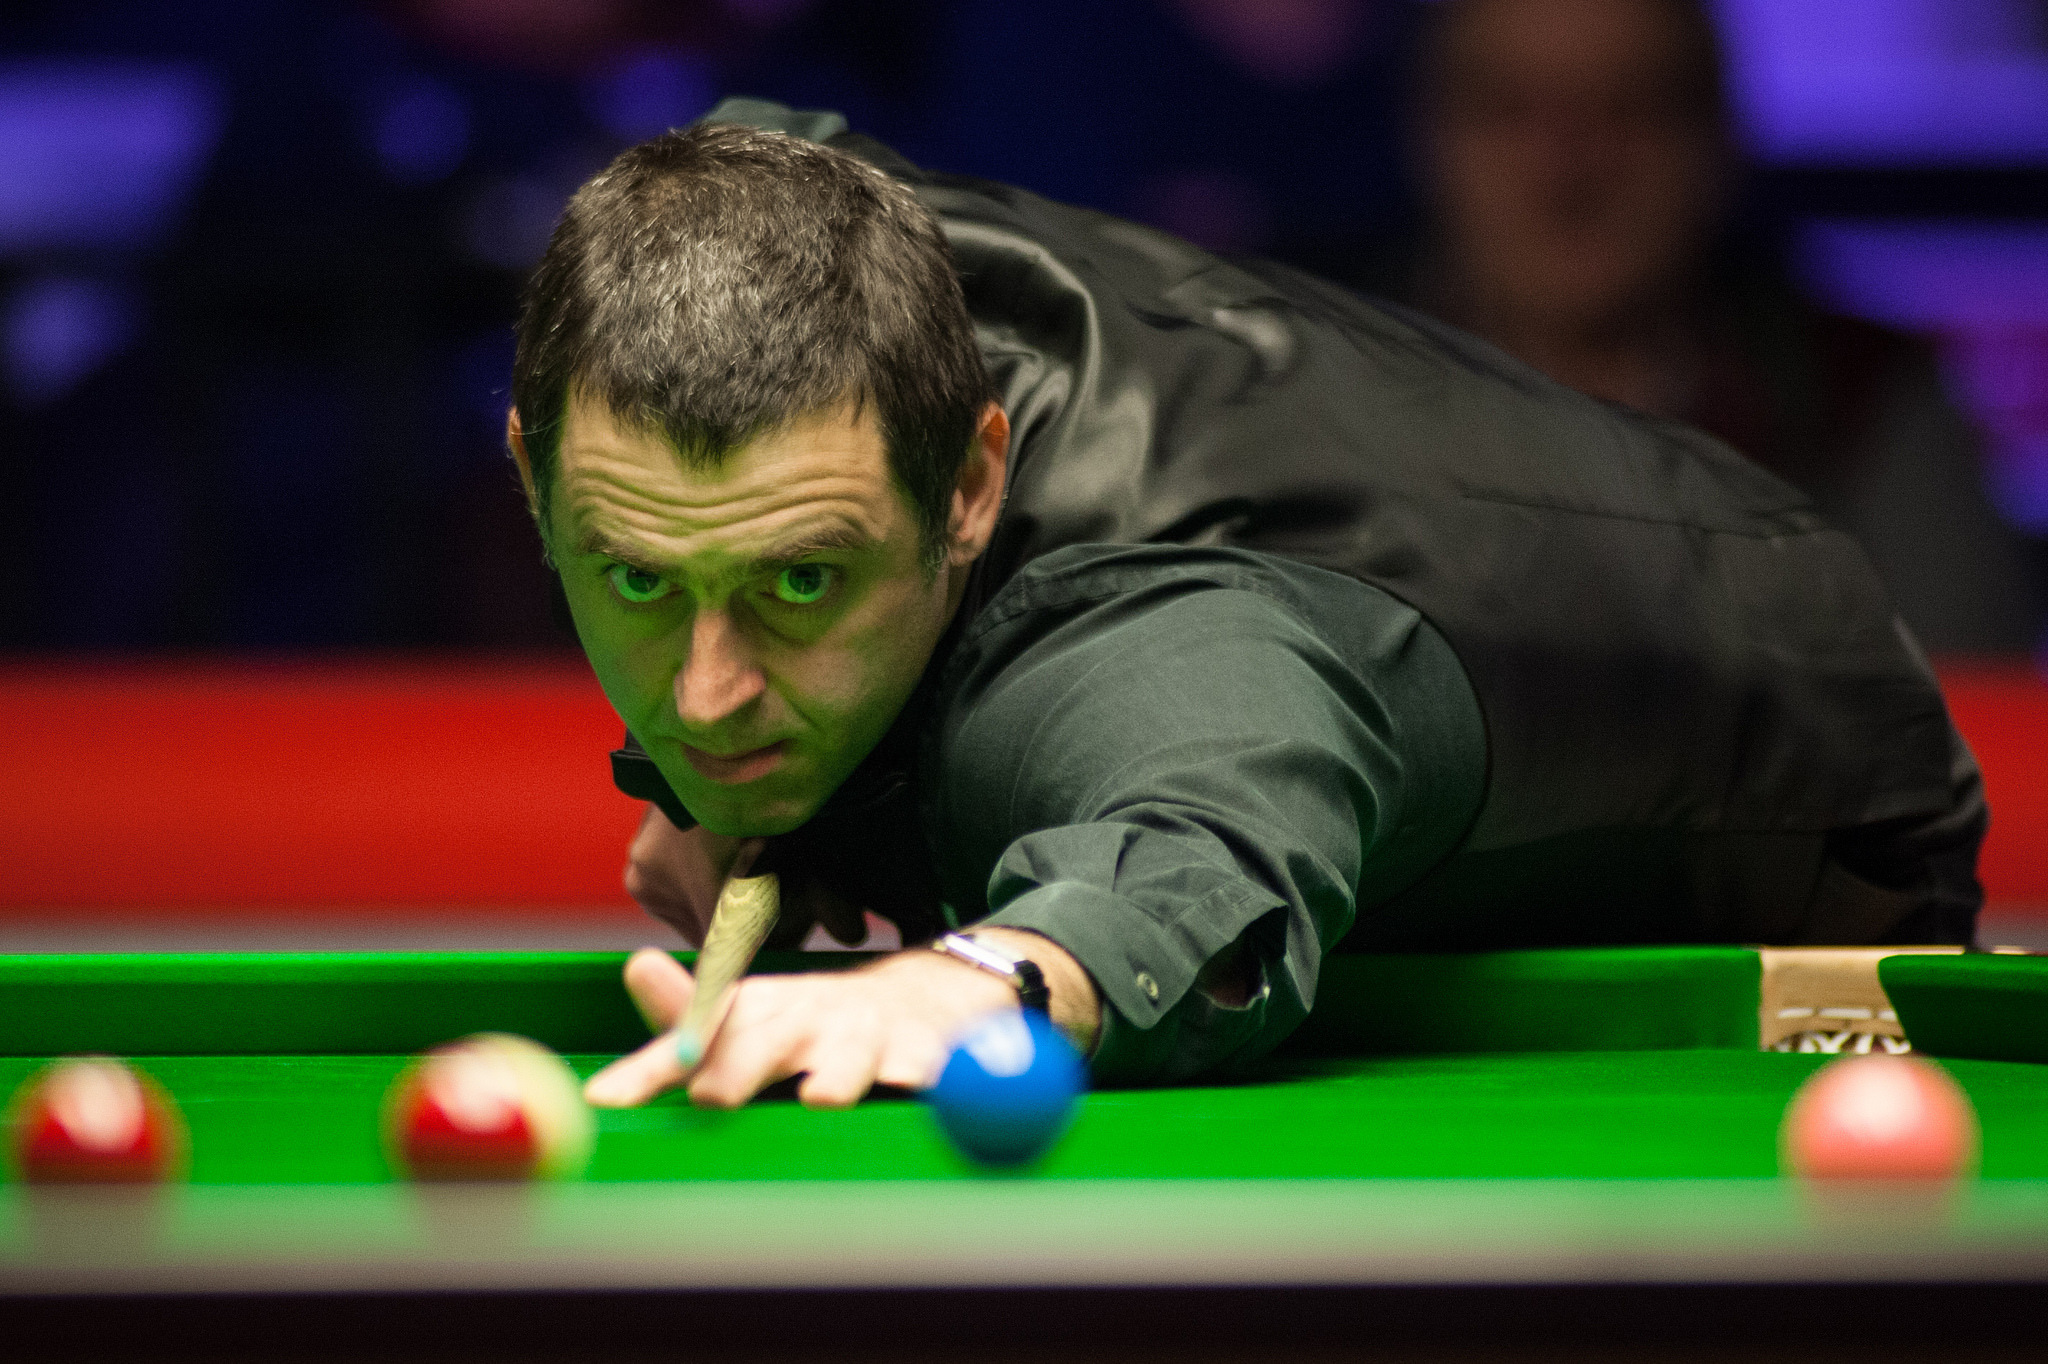 Sullivan Snooker